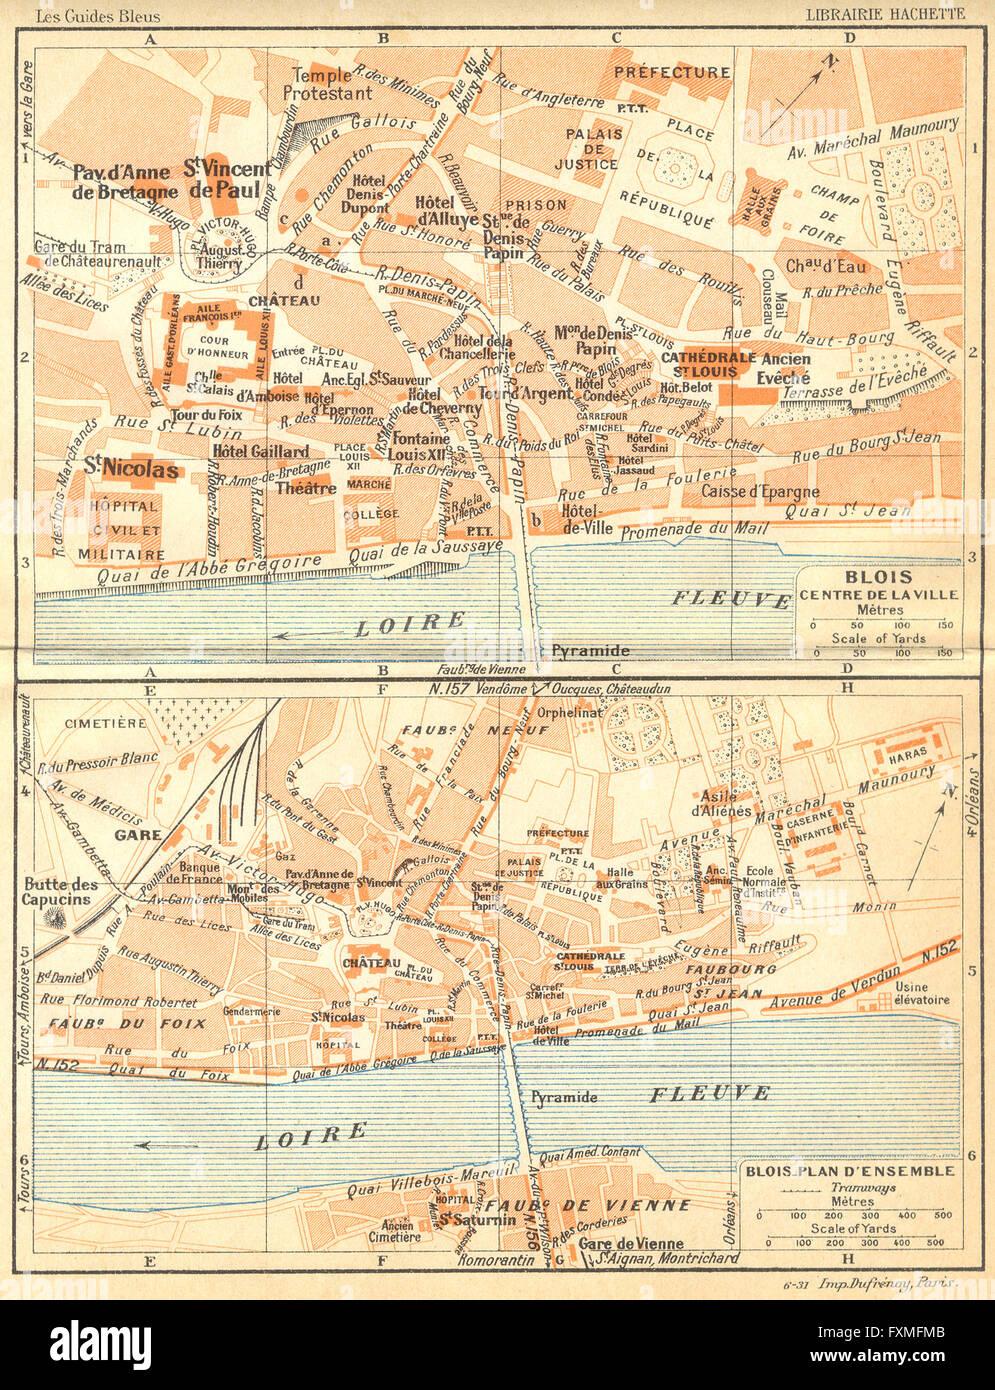 FRANCE Blois Centre de Ville plan dEnsemble 1932 vintage map